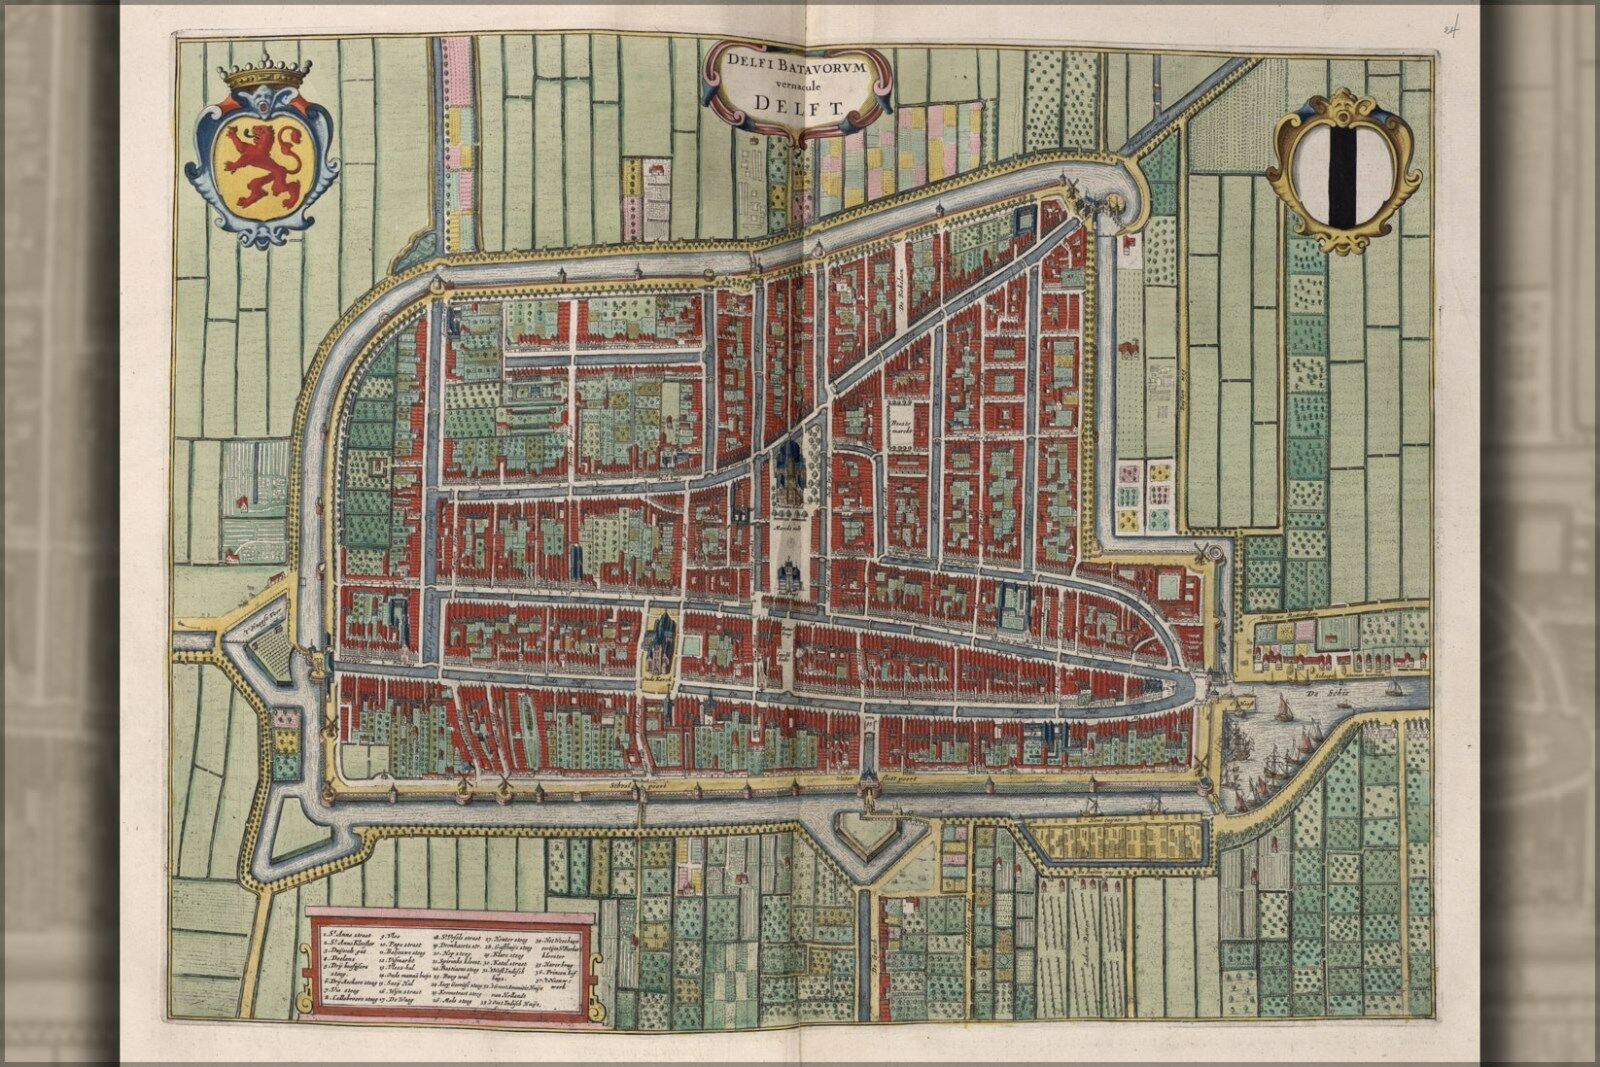 Poster, Many Größes; Map Of Delft Netherlands 1642